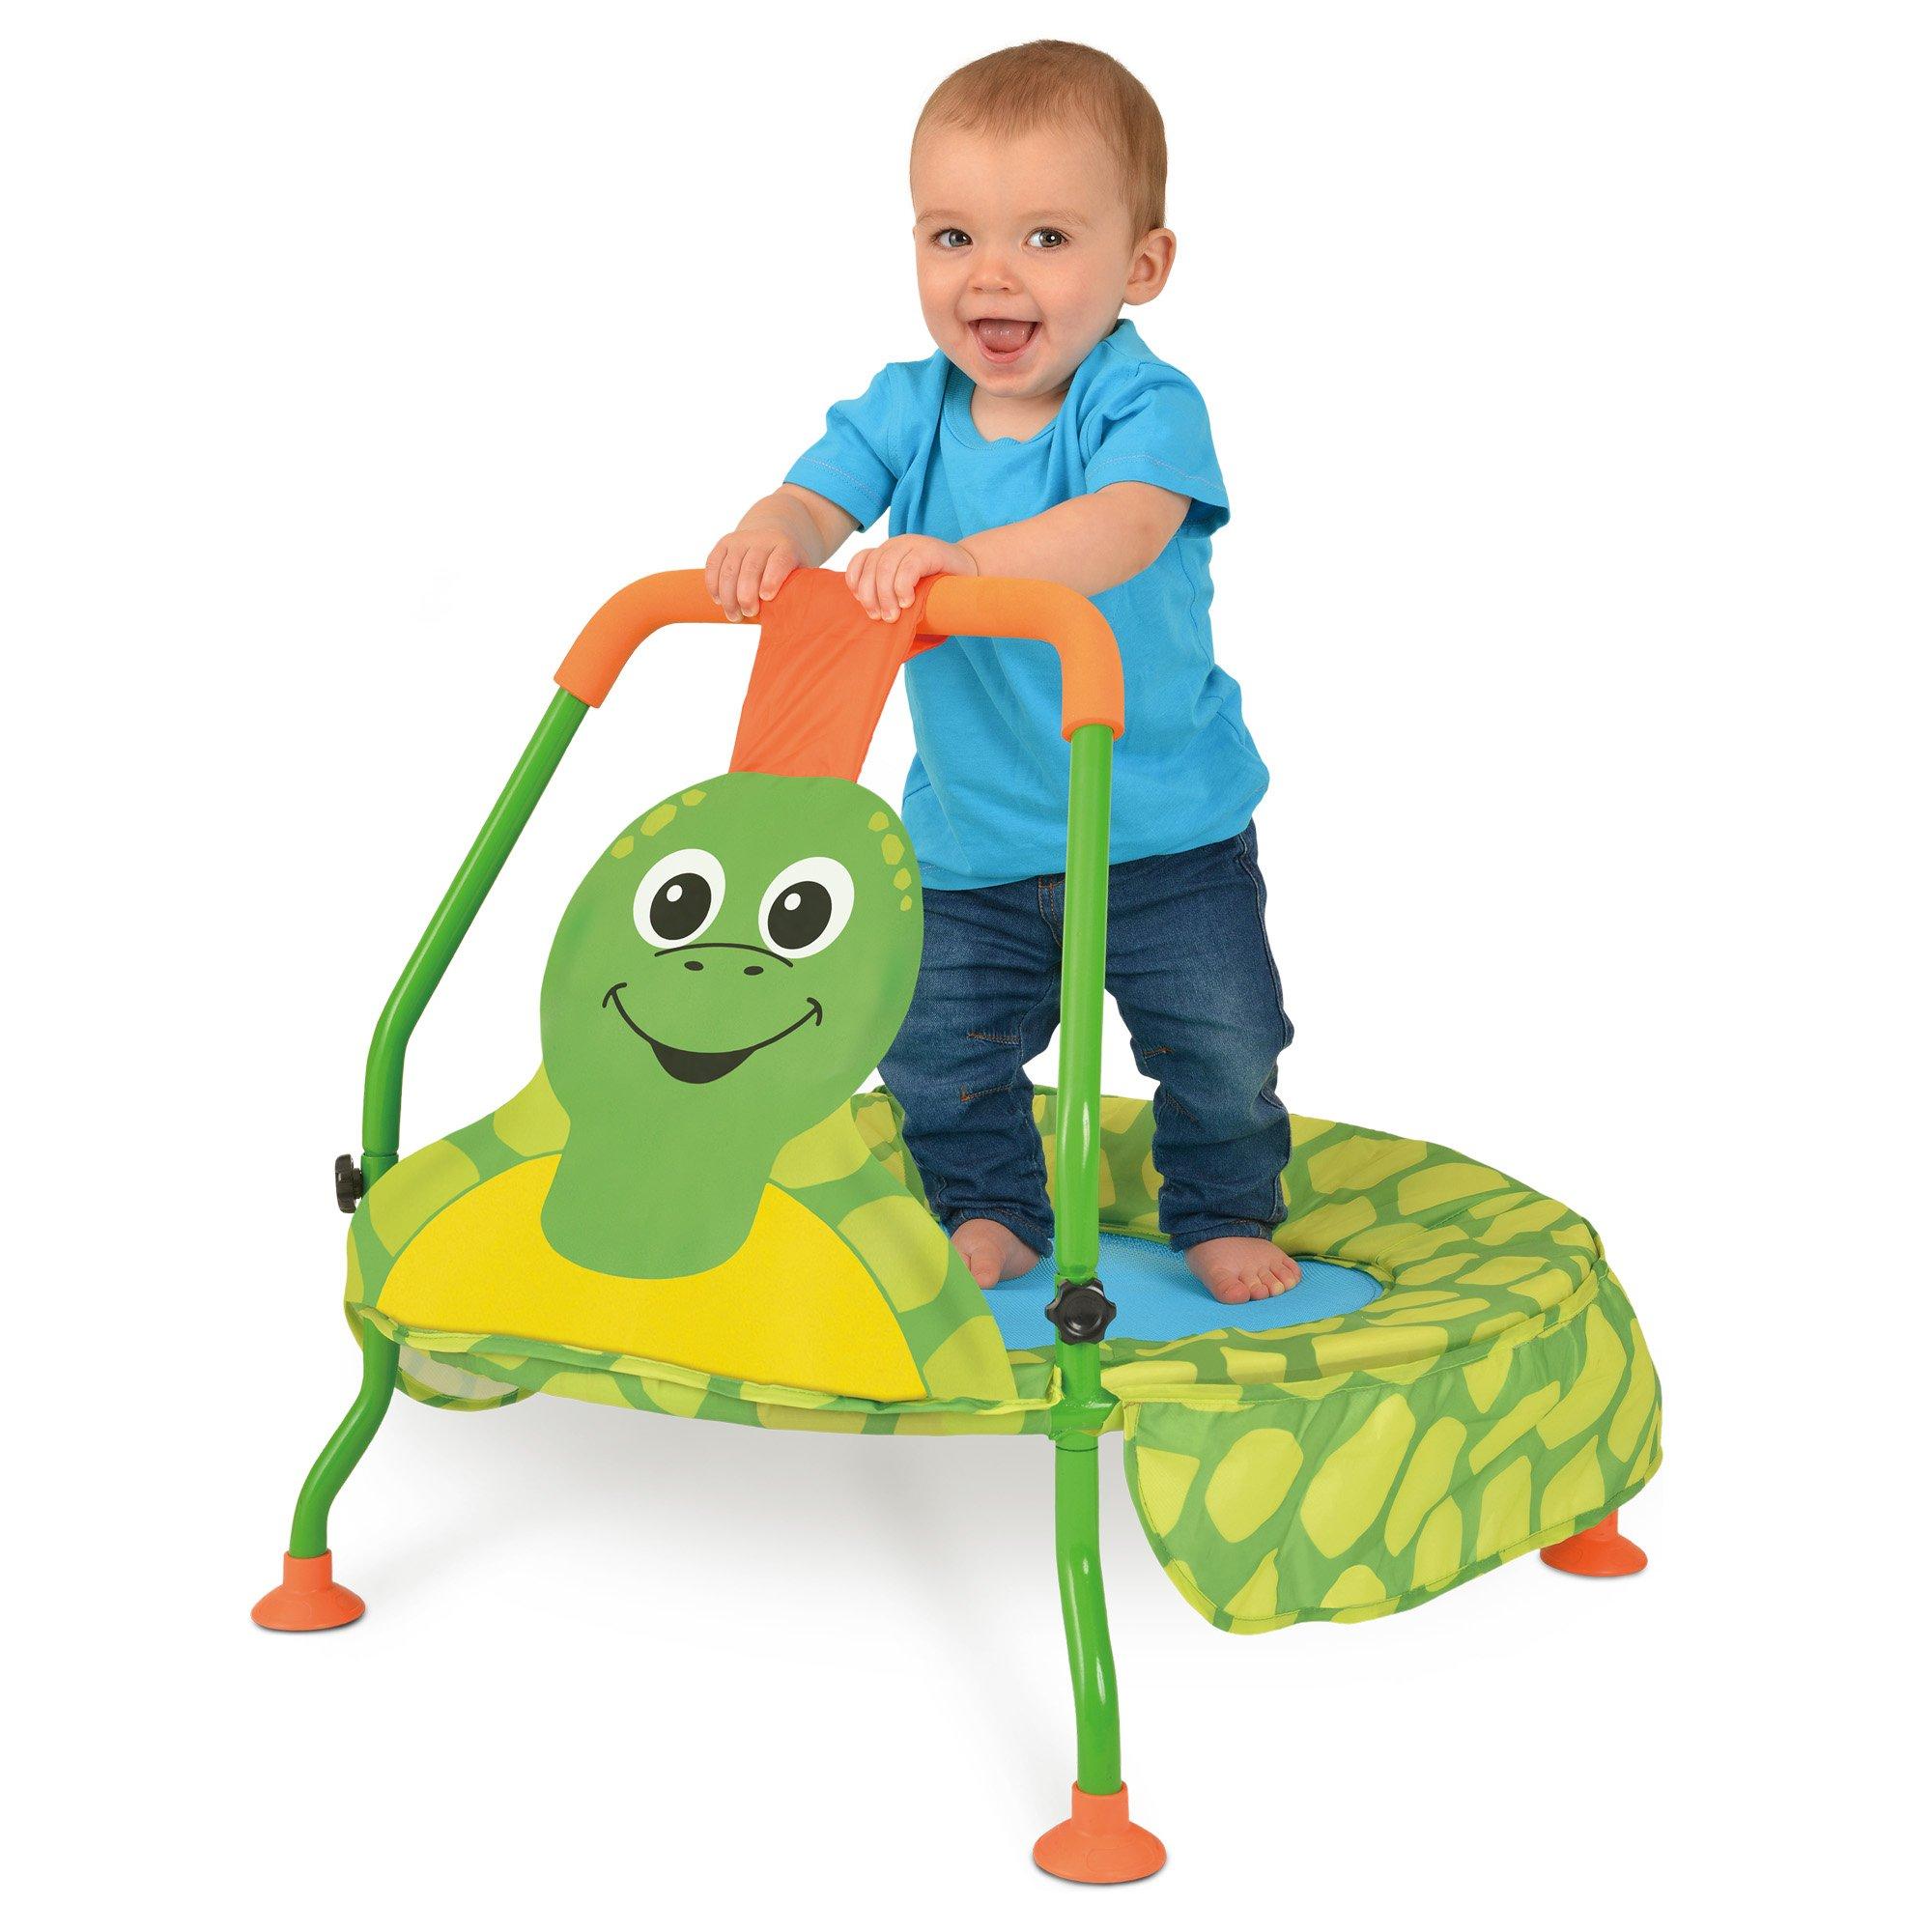 Galt Toys Trampolín Infantil (1004471): Amazon.es: Juguetes y juegos